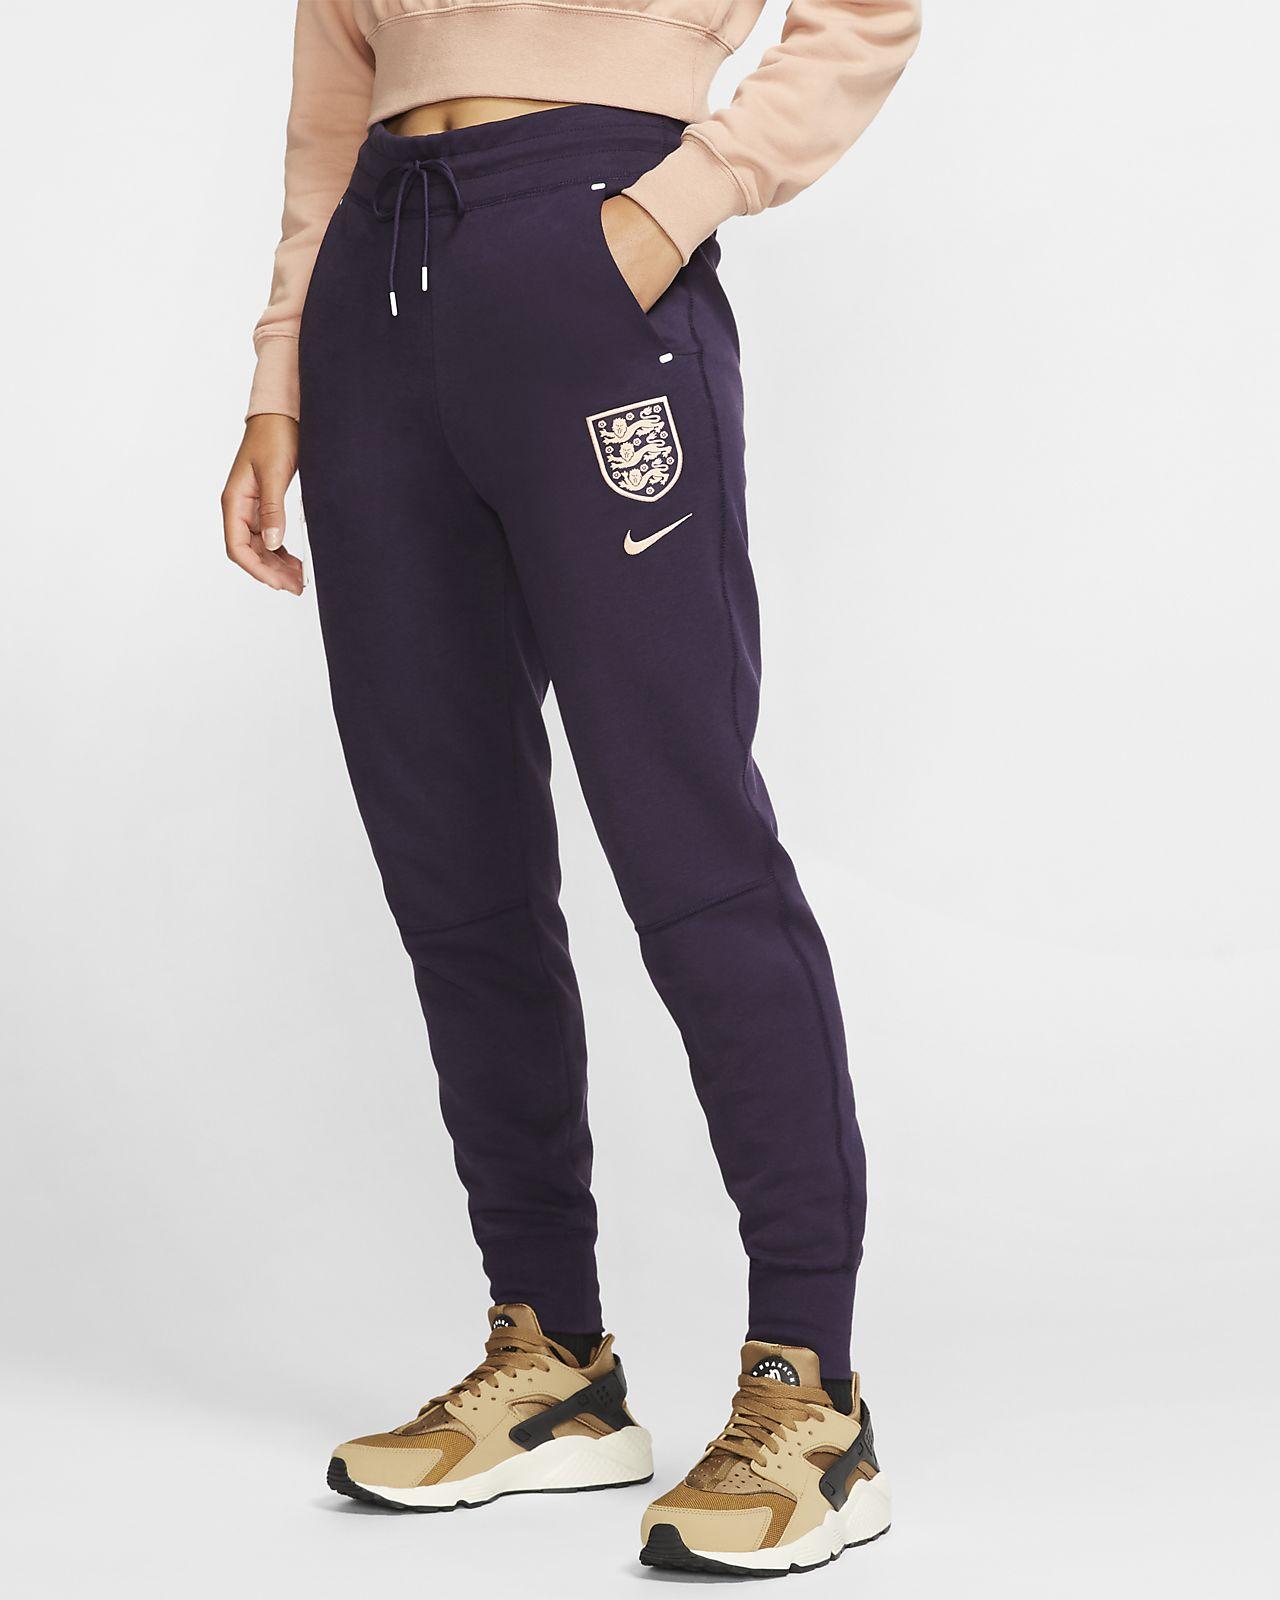 England Tech Fleece Pantalón de fútbol - Mujer